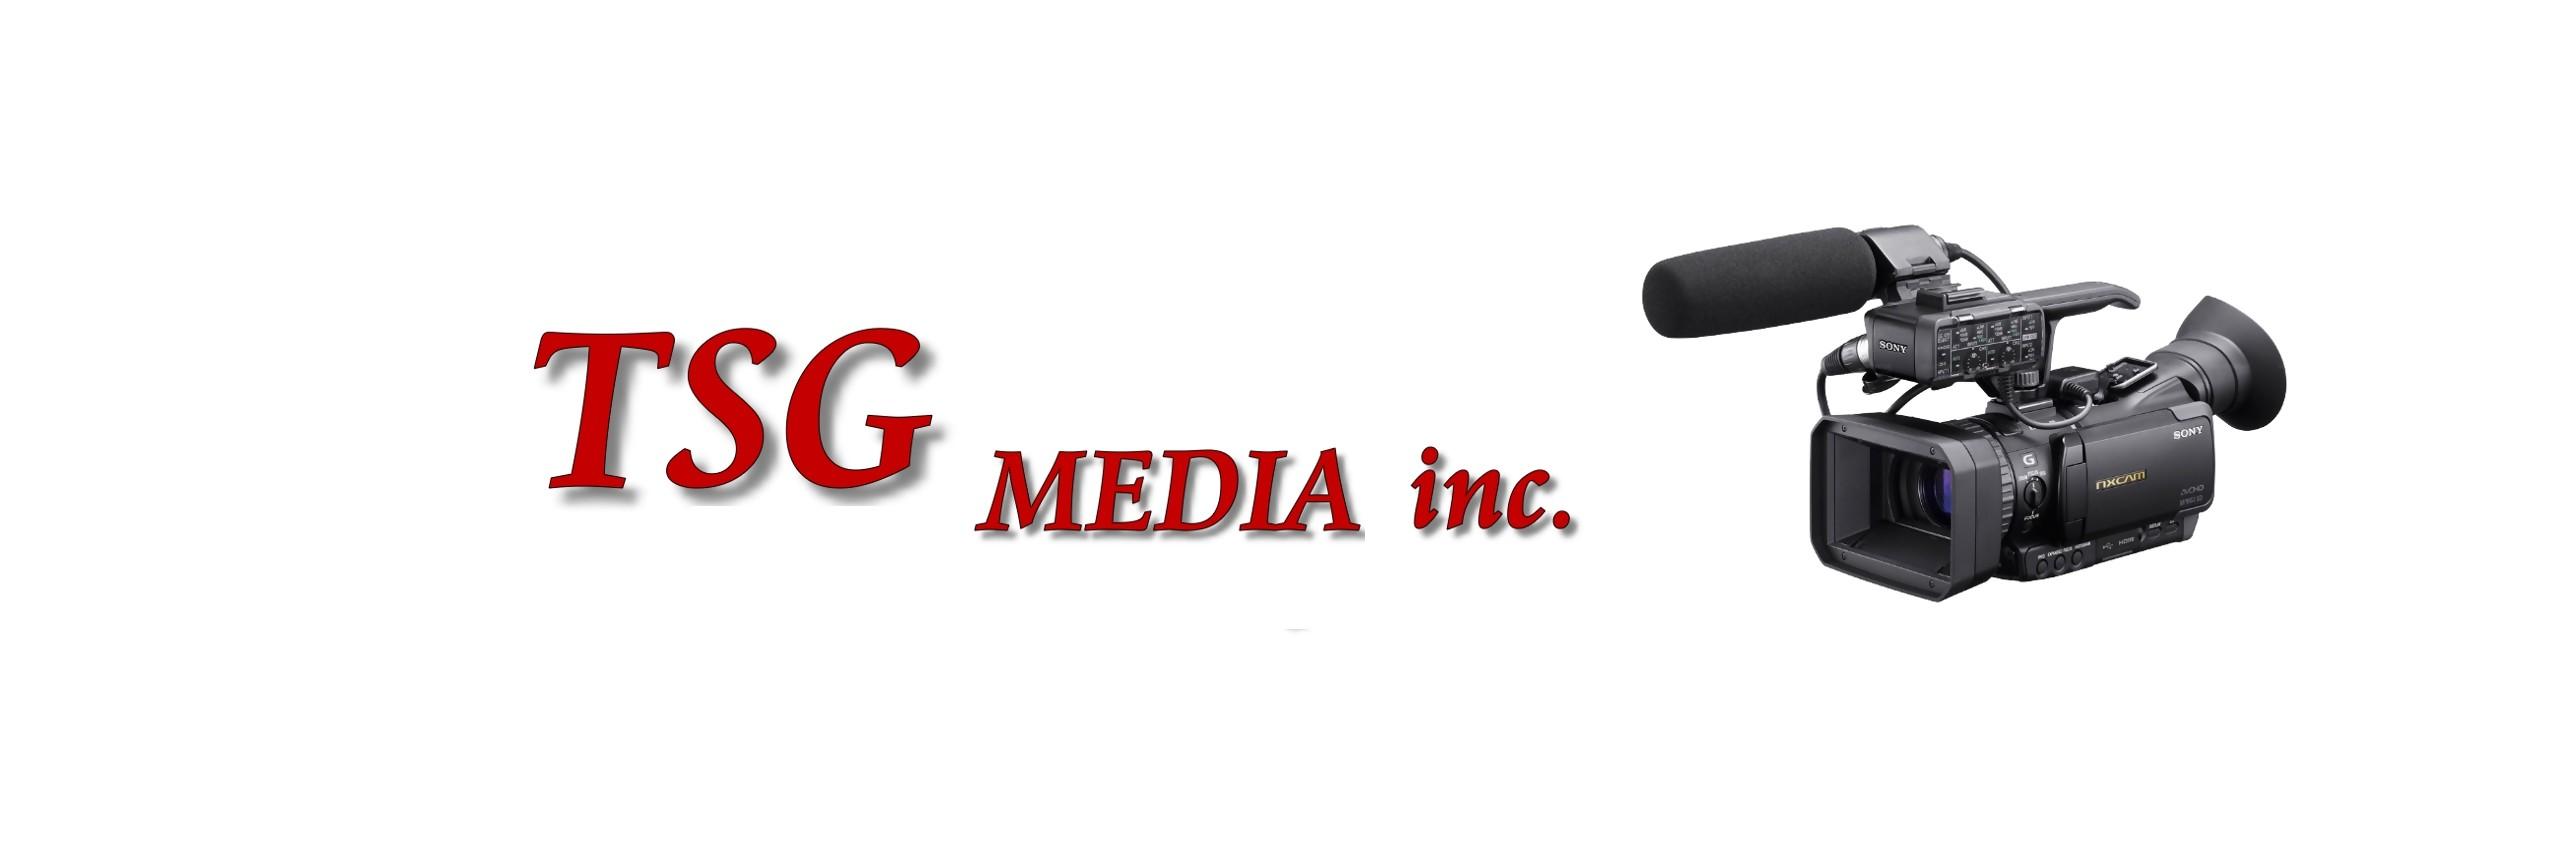 TSG Media, INC